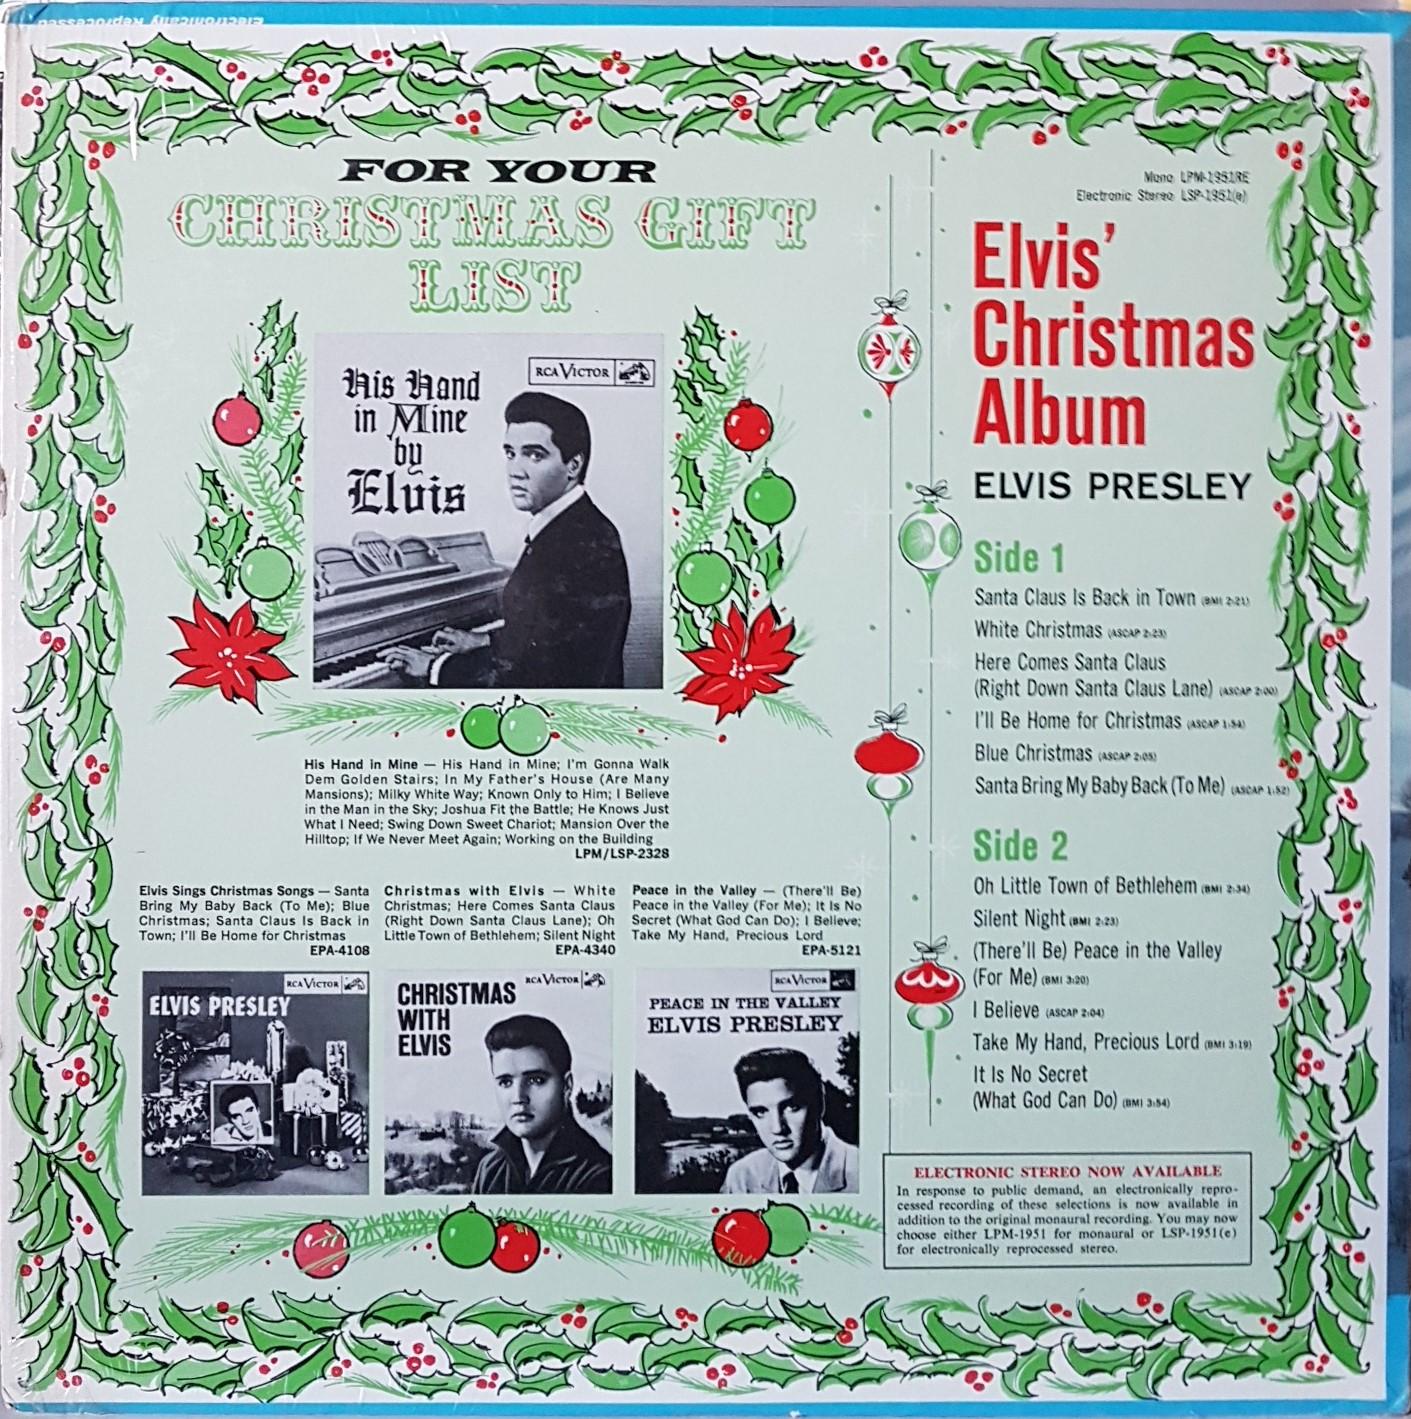 ELVIS' CHRISTMAS ALBUM 20200324_175101q0jec